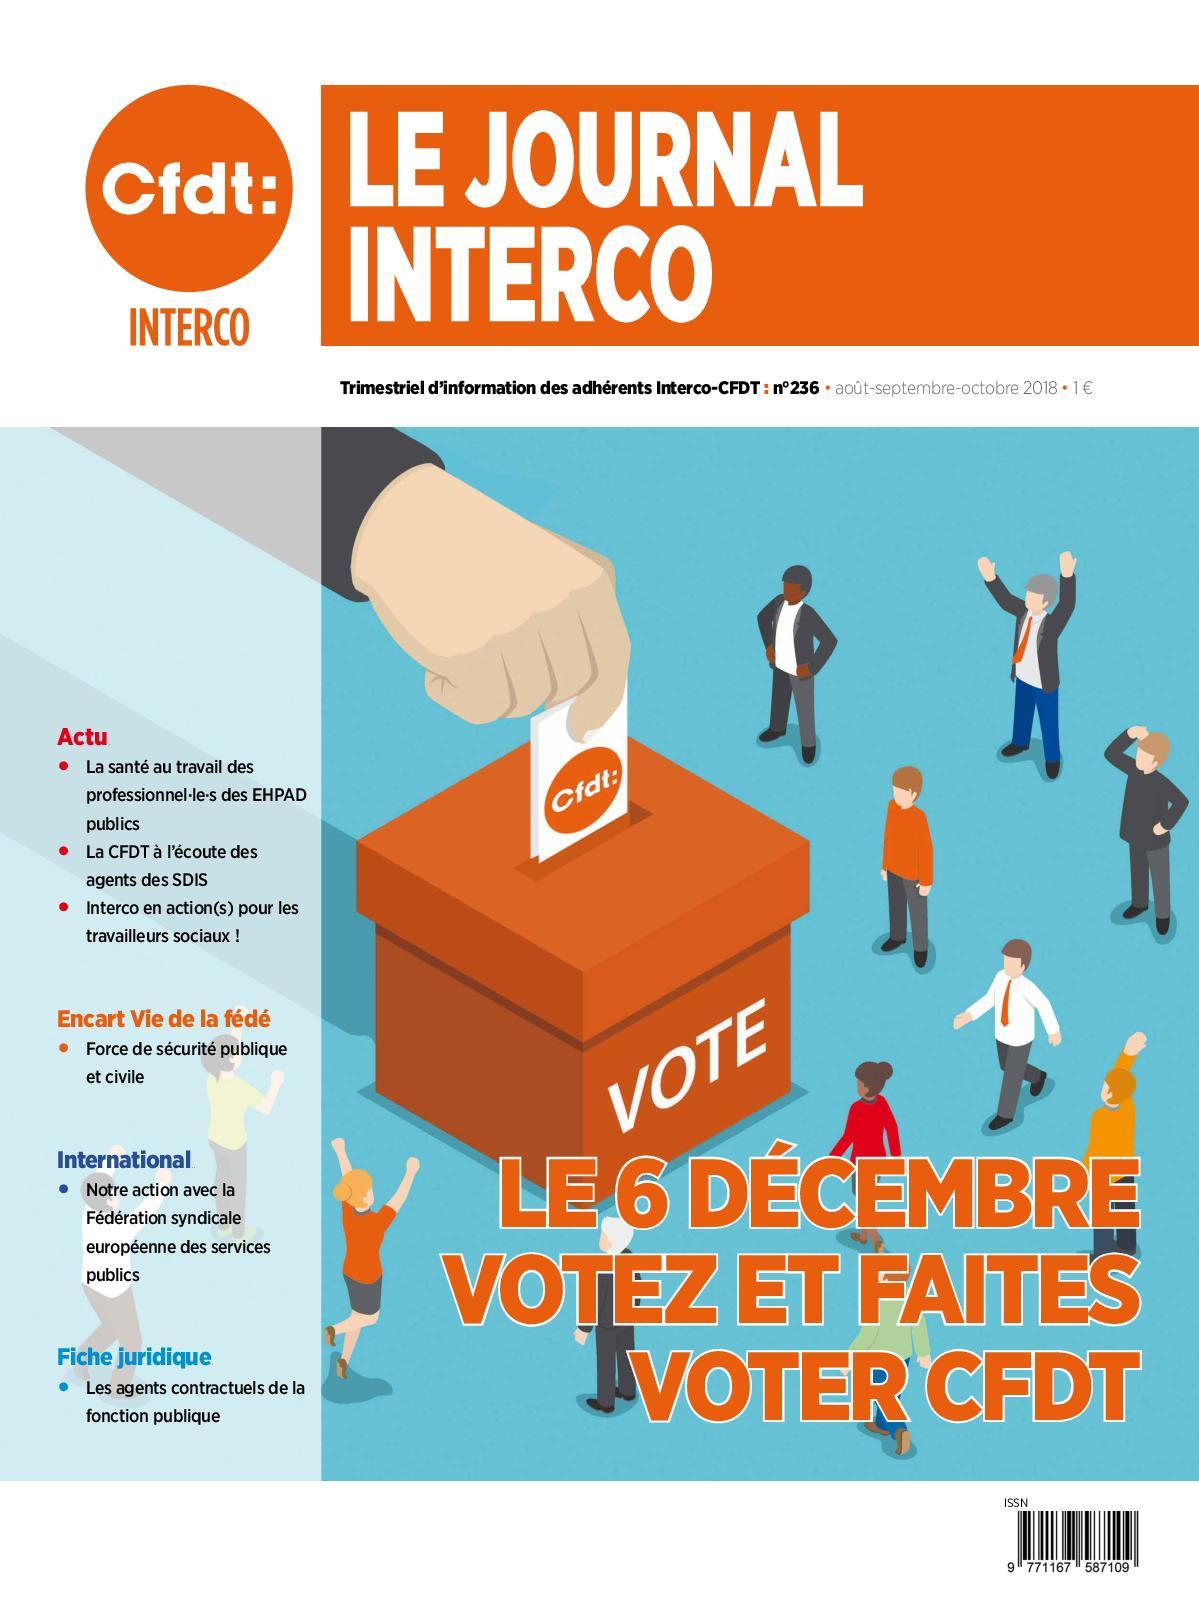 9091826083d Calaméo - Le Journal Interco n° 236 (août-septembre-octobre)cton